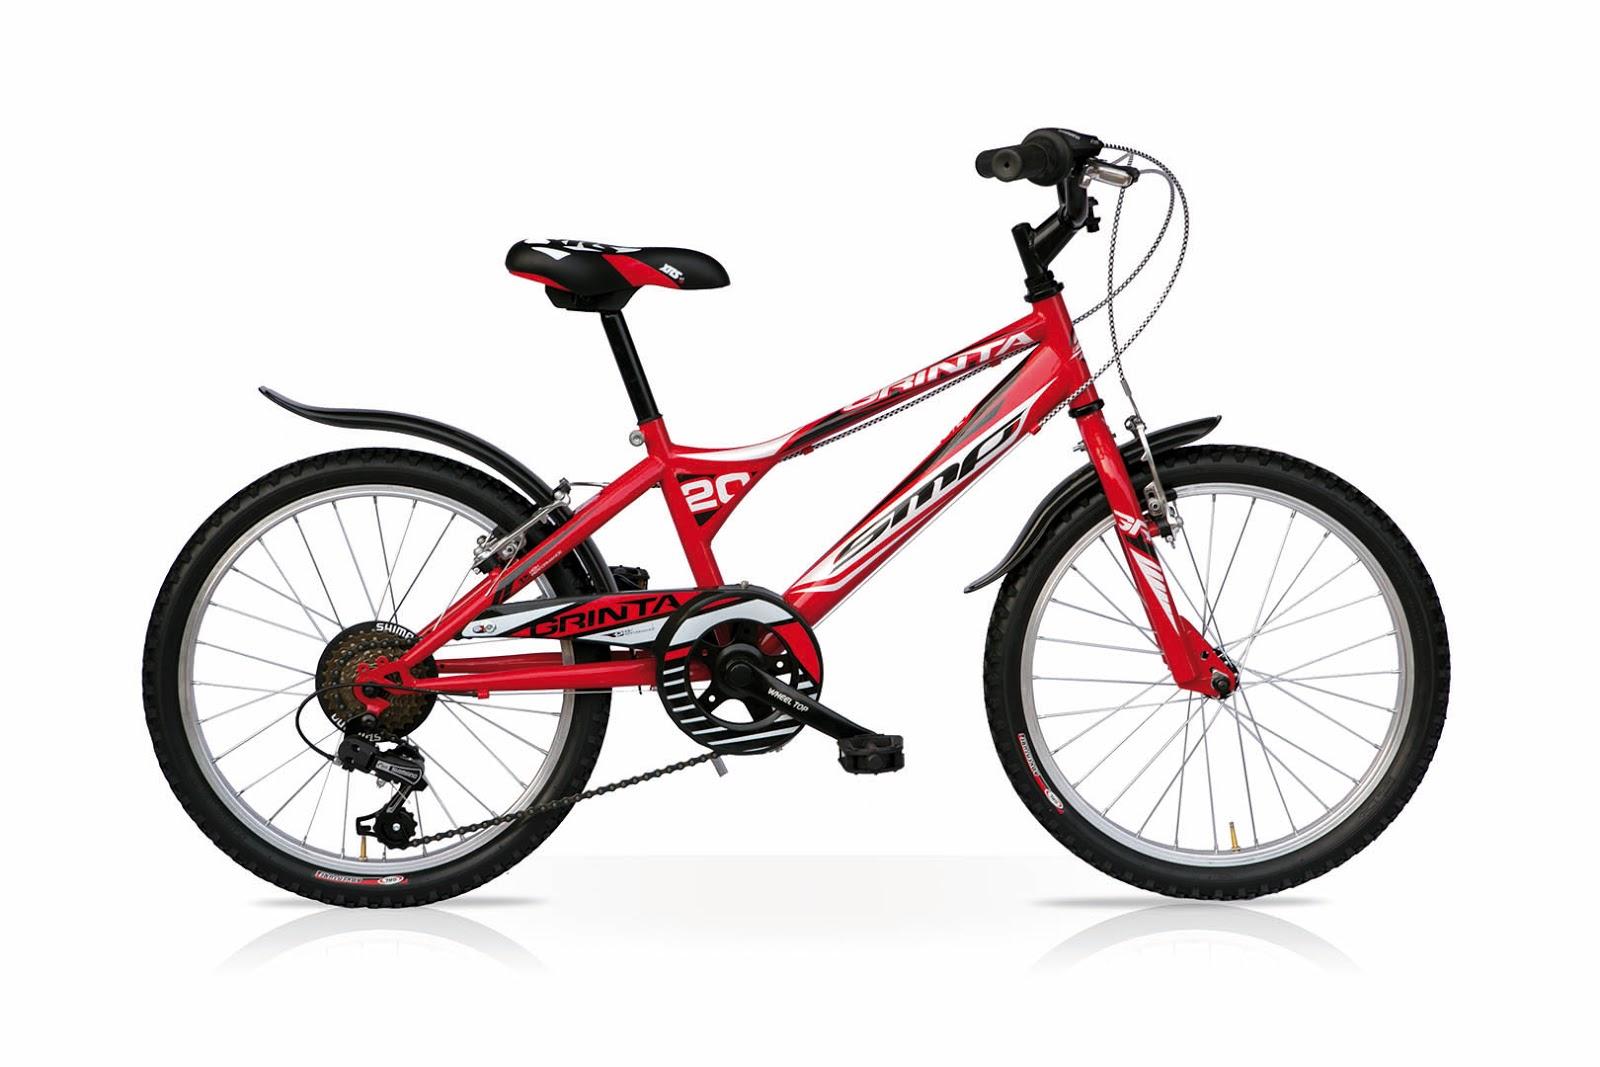 Venaria La Mandria - Bici small for kids